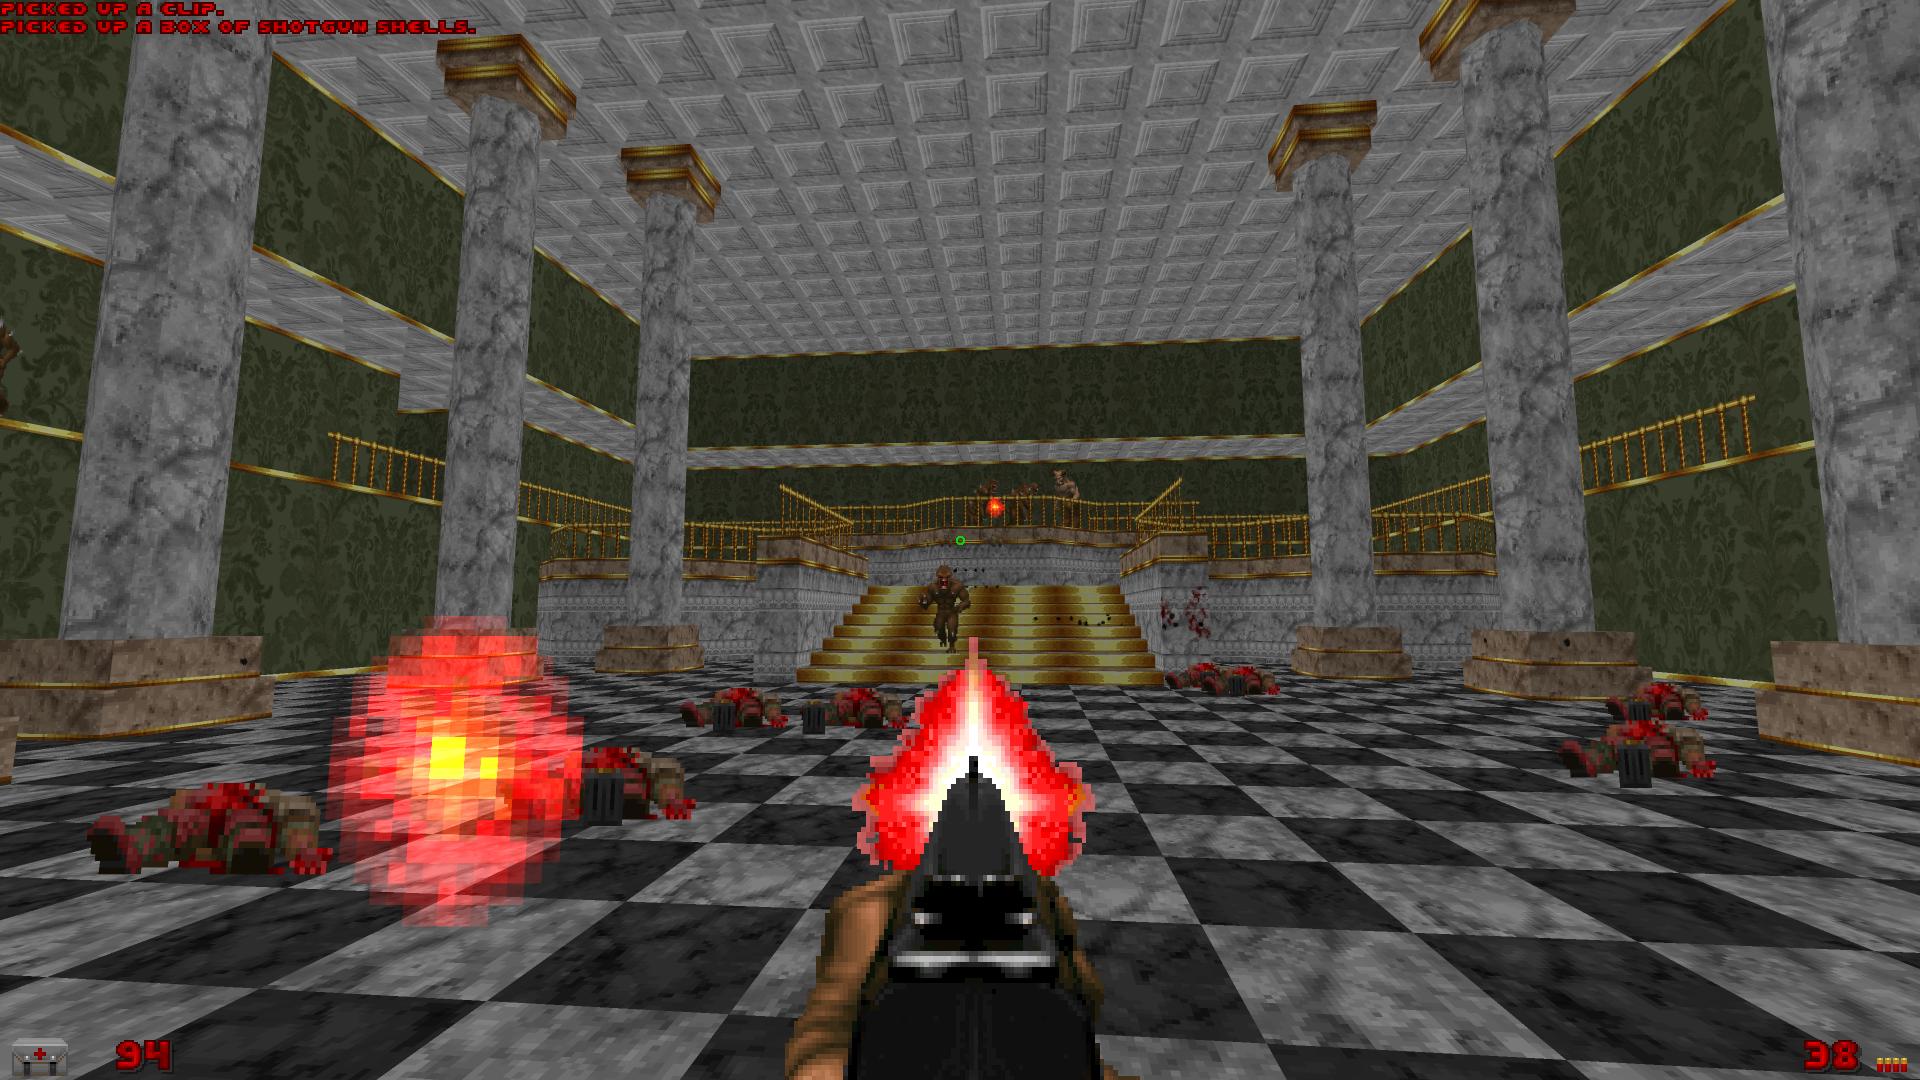 Screenshot_Doom_20201024_123304.png